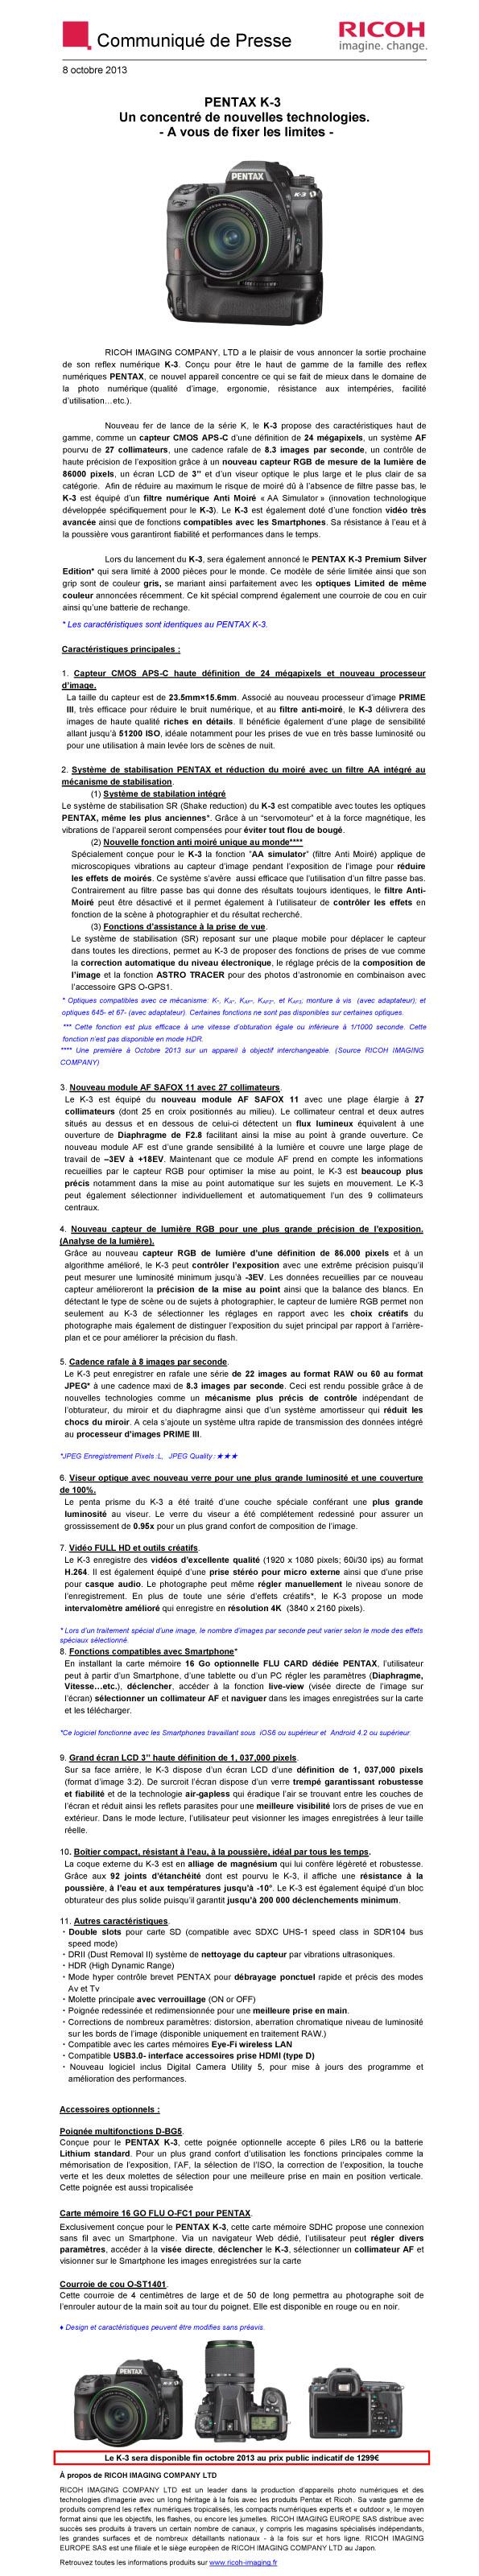 PENTAX RICOH IMAGING - Communiqué de Presse 08/10/2013 - Pentax K-3 Exth